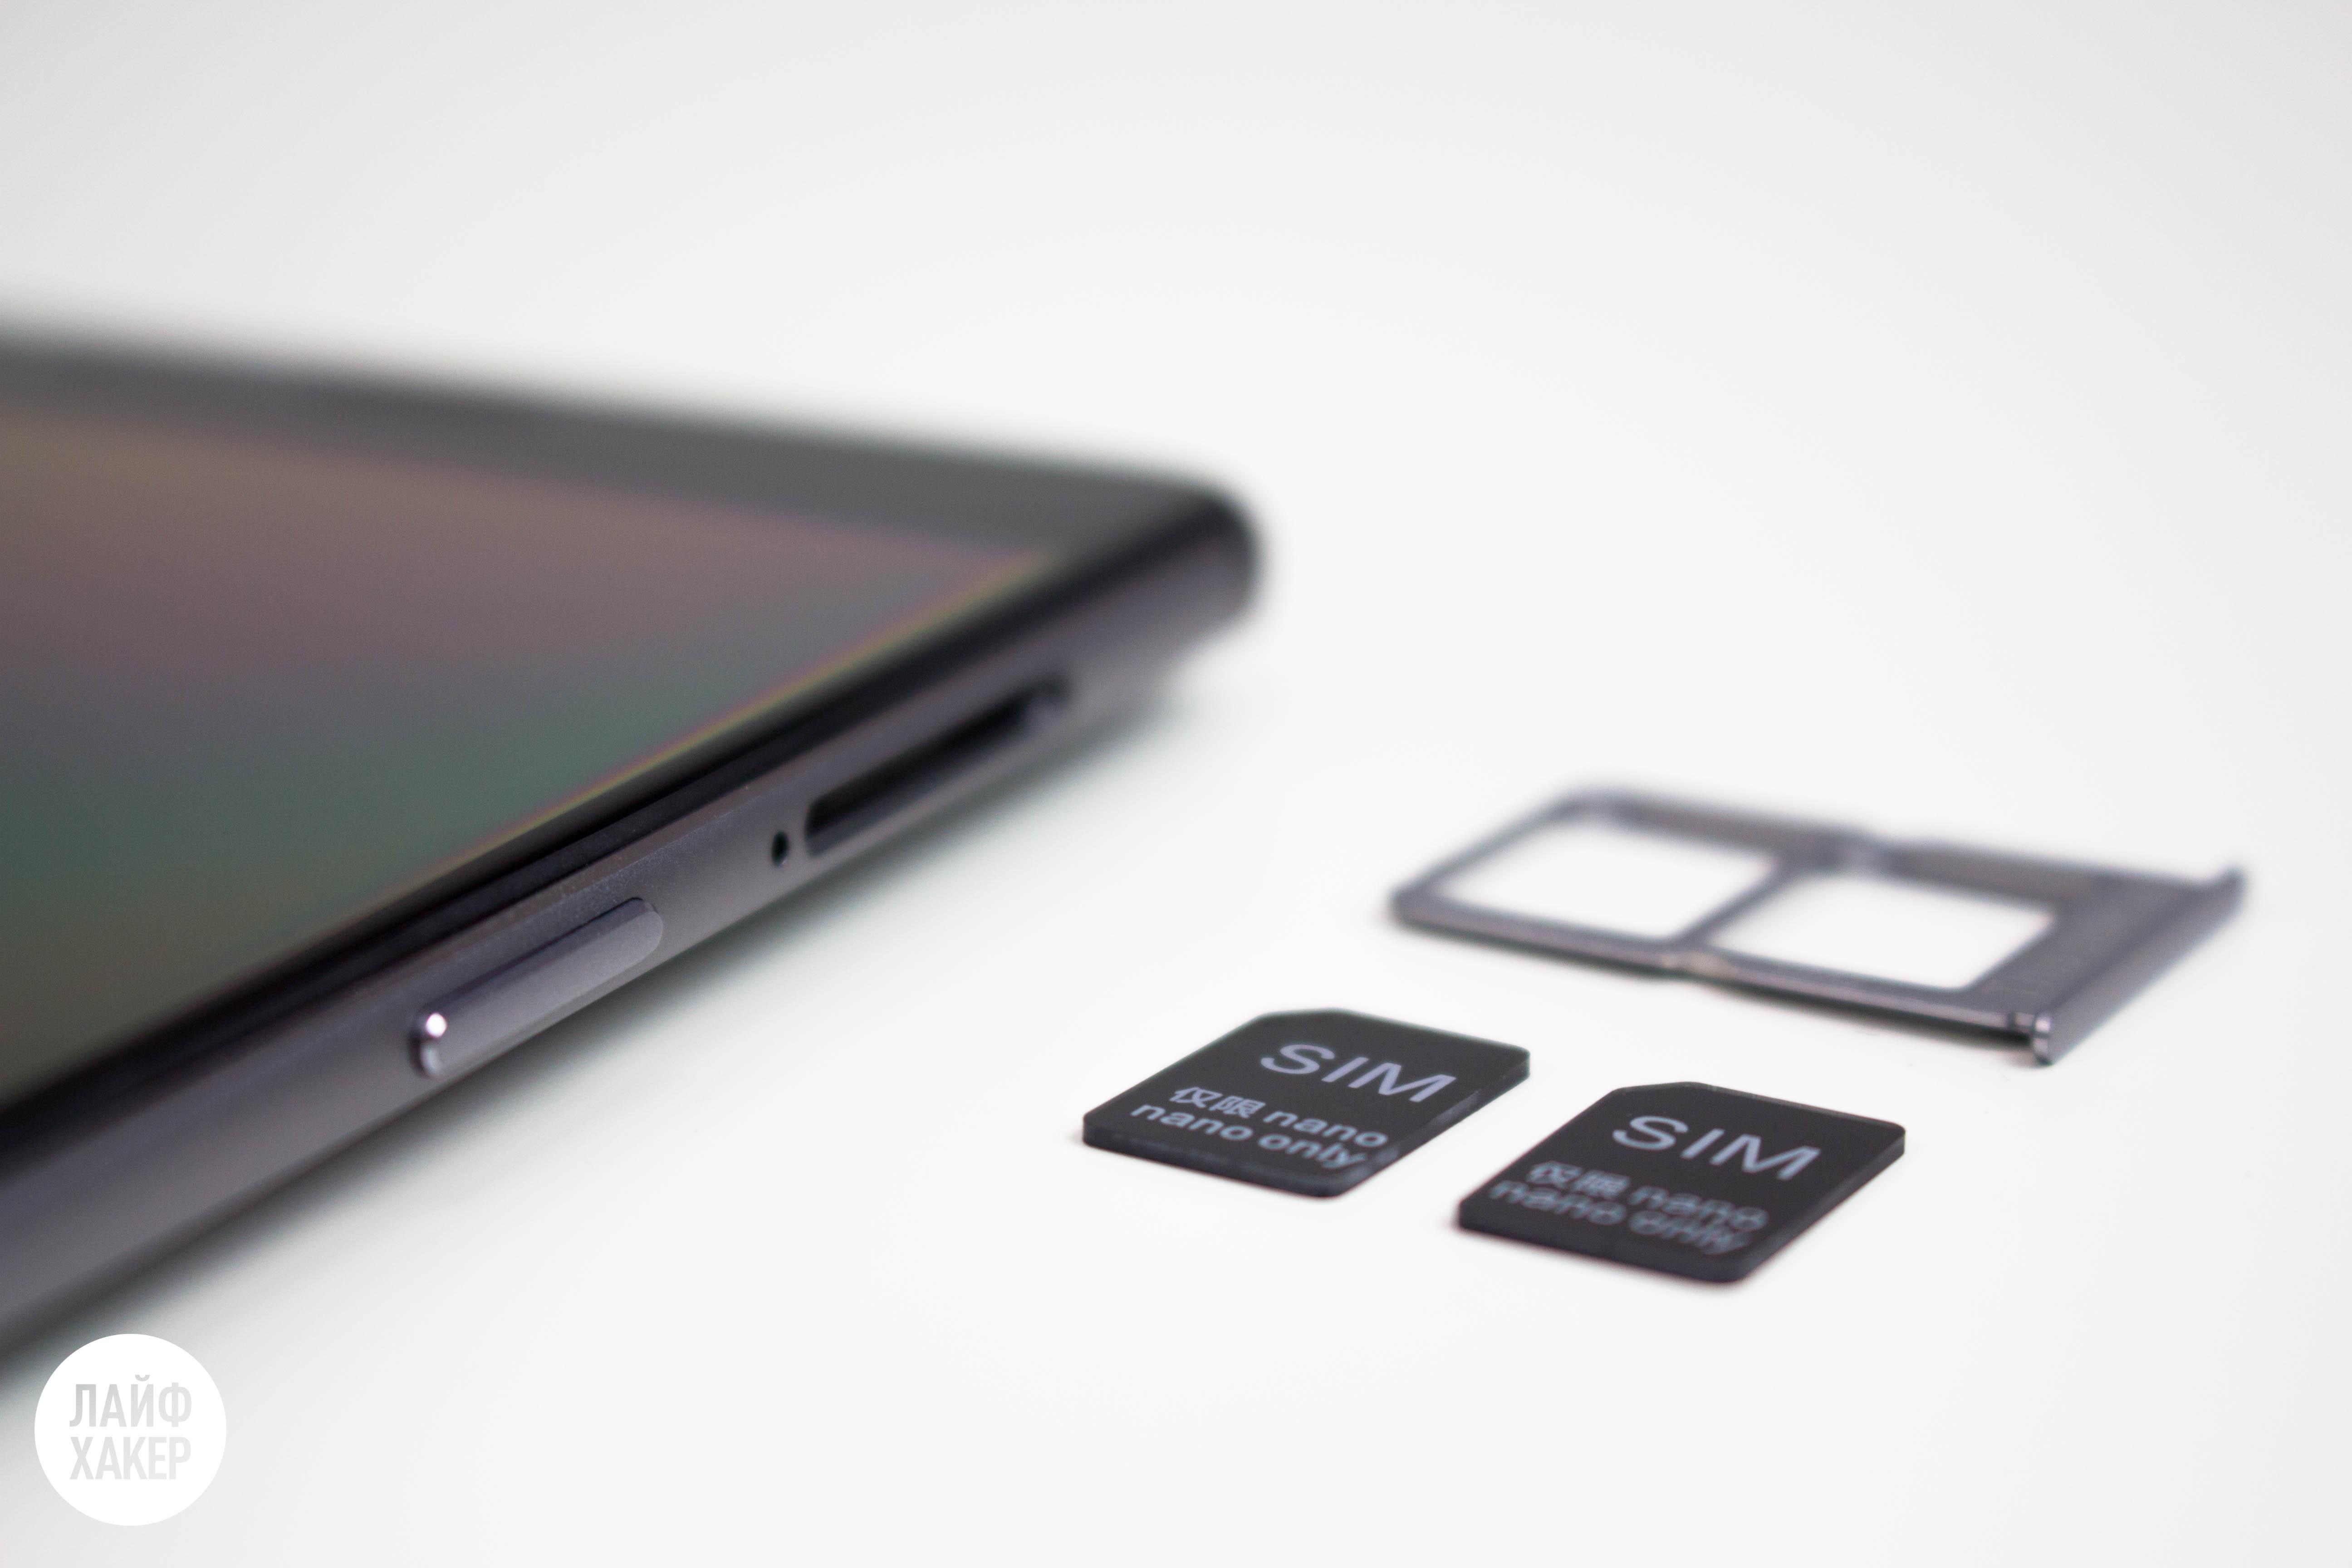 e1c2d611c0e3 Эй, OnePlus, вы правда не слышали о таком удобном решении или намеренно  уступили Samsung, у смартфона которой microSD есть